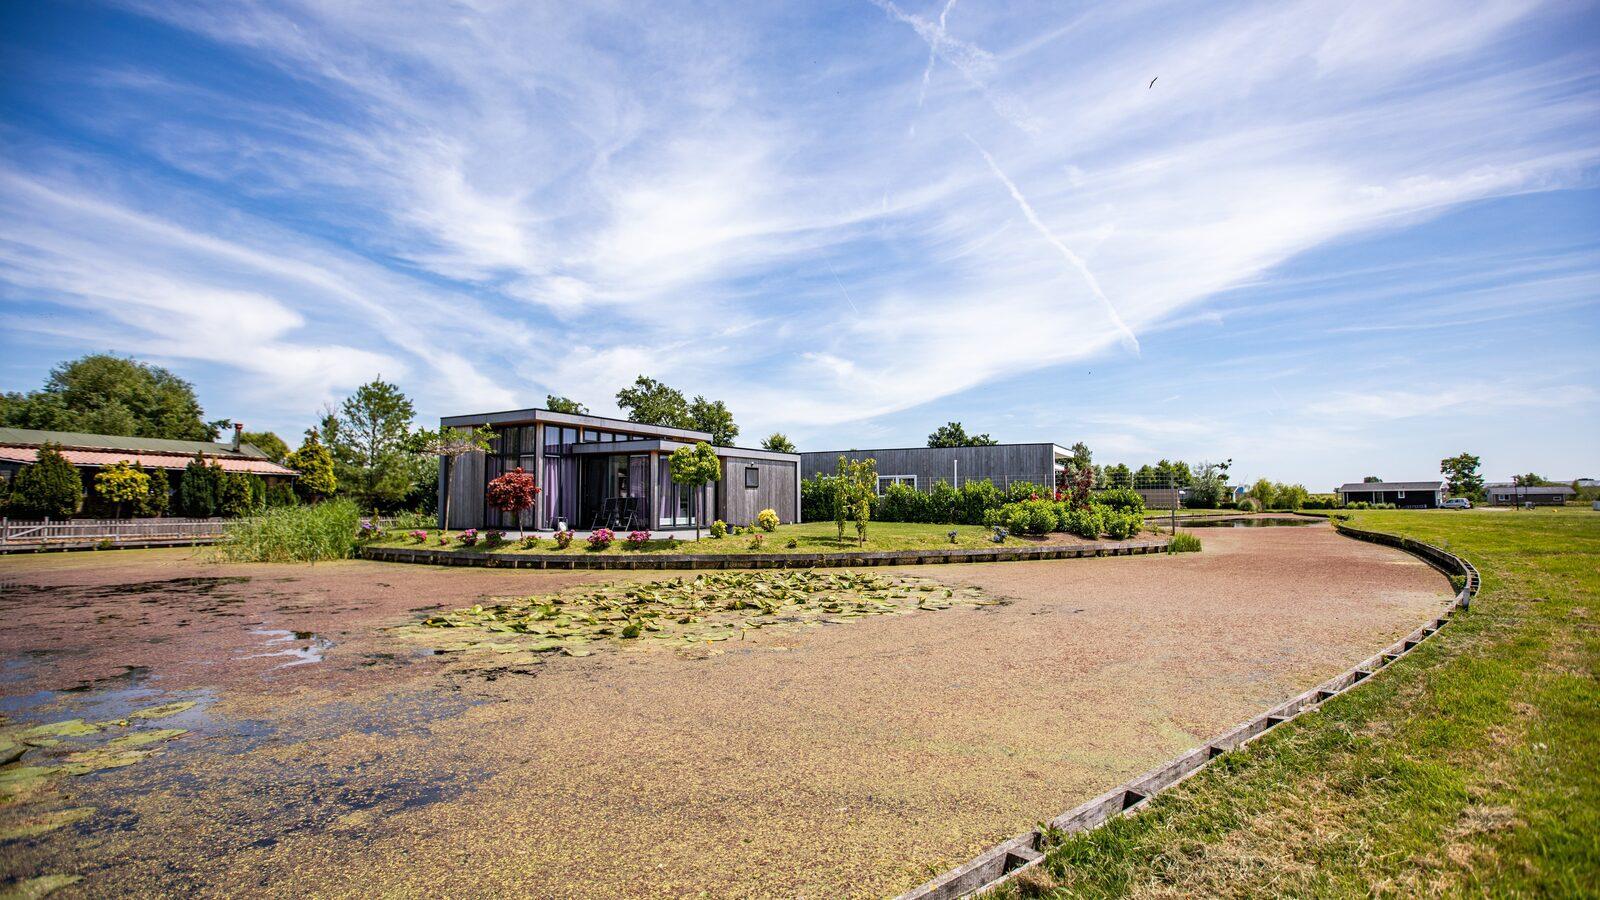 Goedkope vakantieparken Nederland